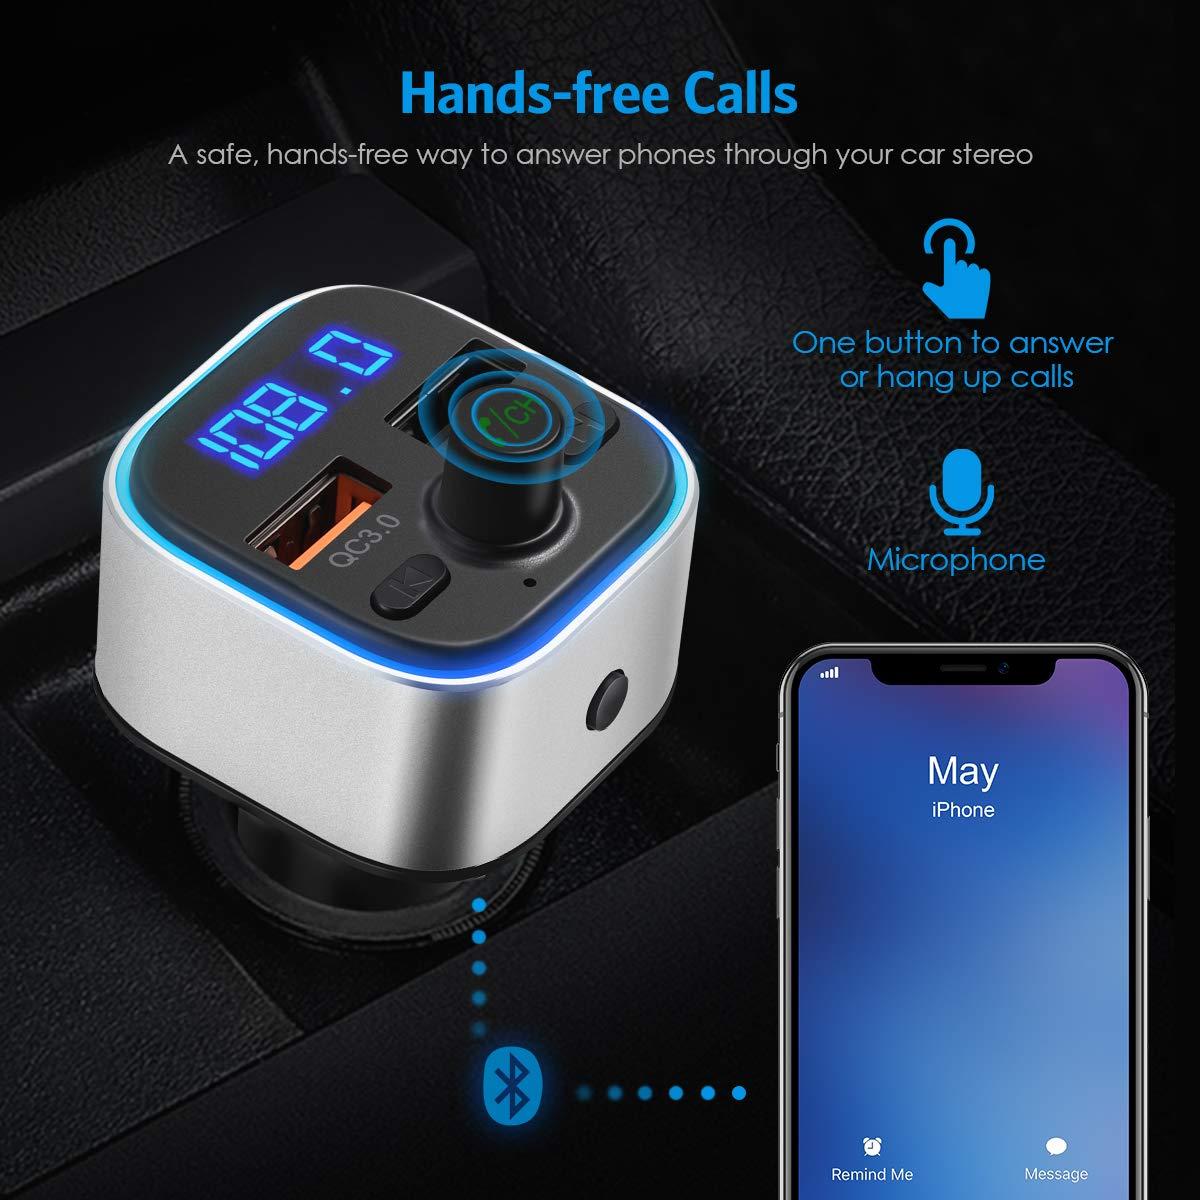 Criacr V5.0 Transmetteur FM Bluetooth Appel Mains Libres Deux Ports USB Carte SD Kit Main Libre Voiture sans Fil Adaptateur Radio Soutien Cl/é USB Argent 6 Couleurs R/étro-/Éclairage LED